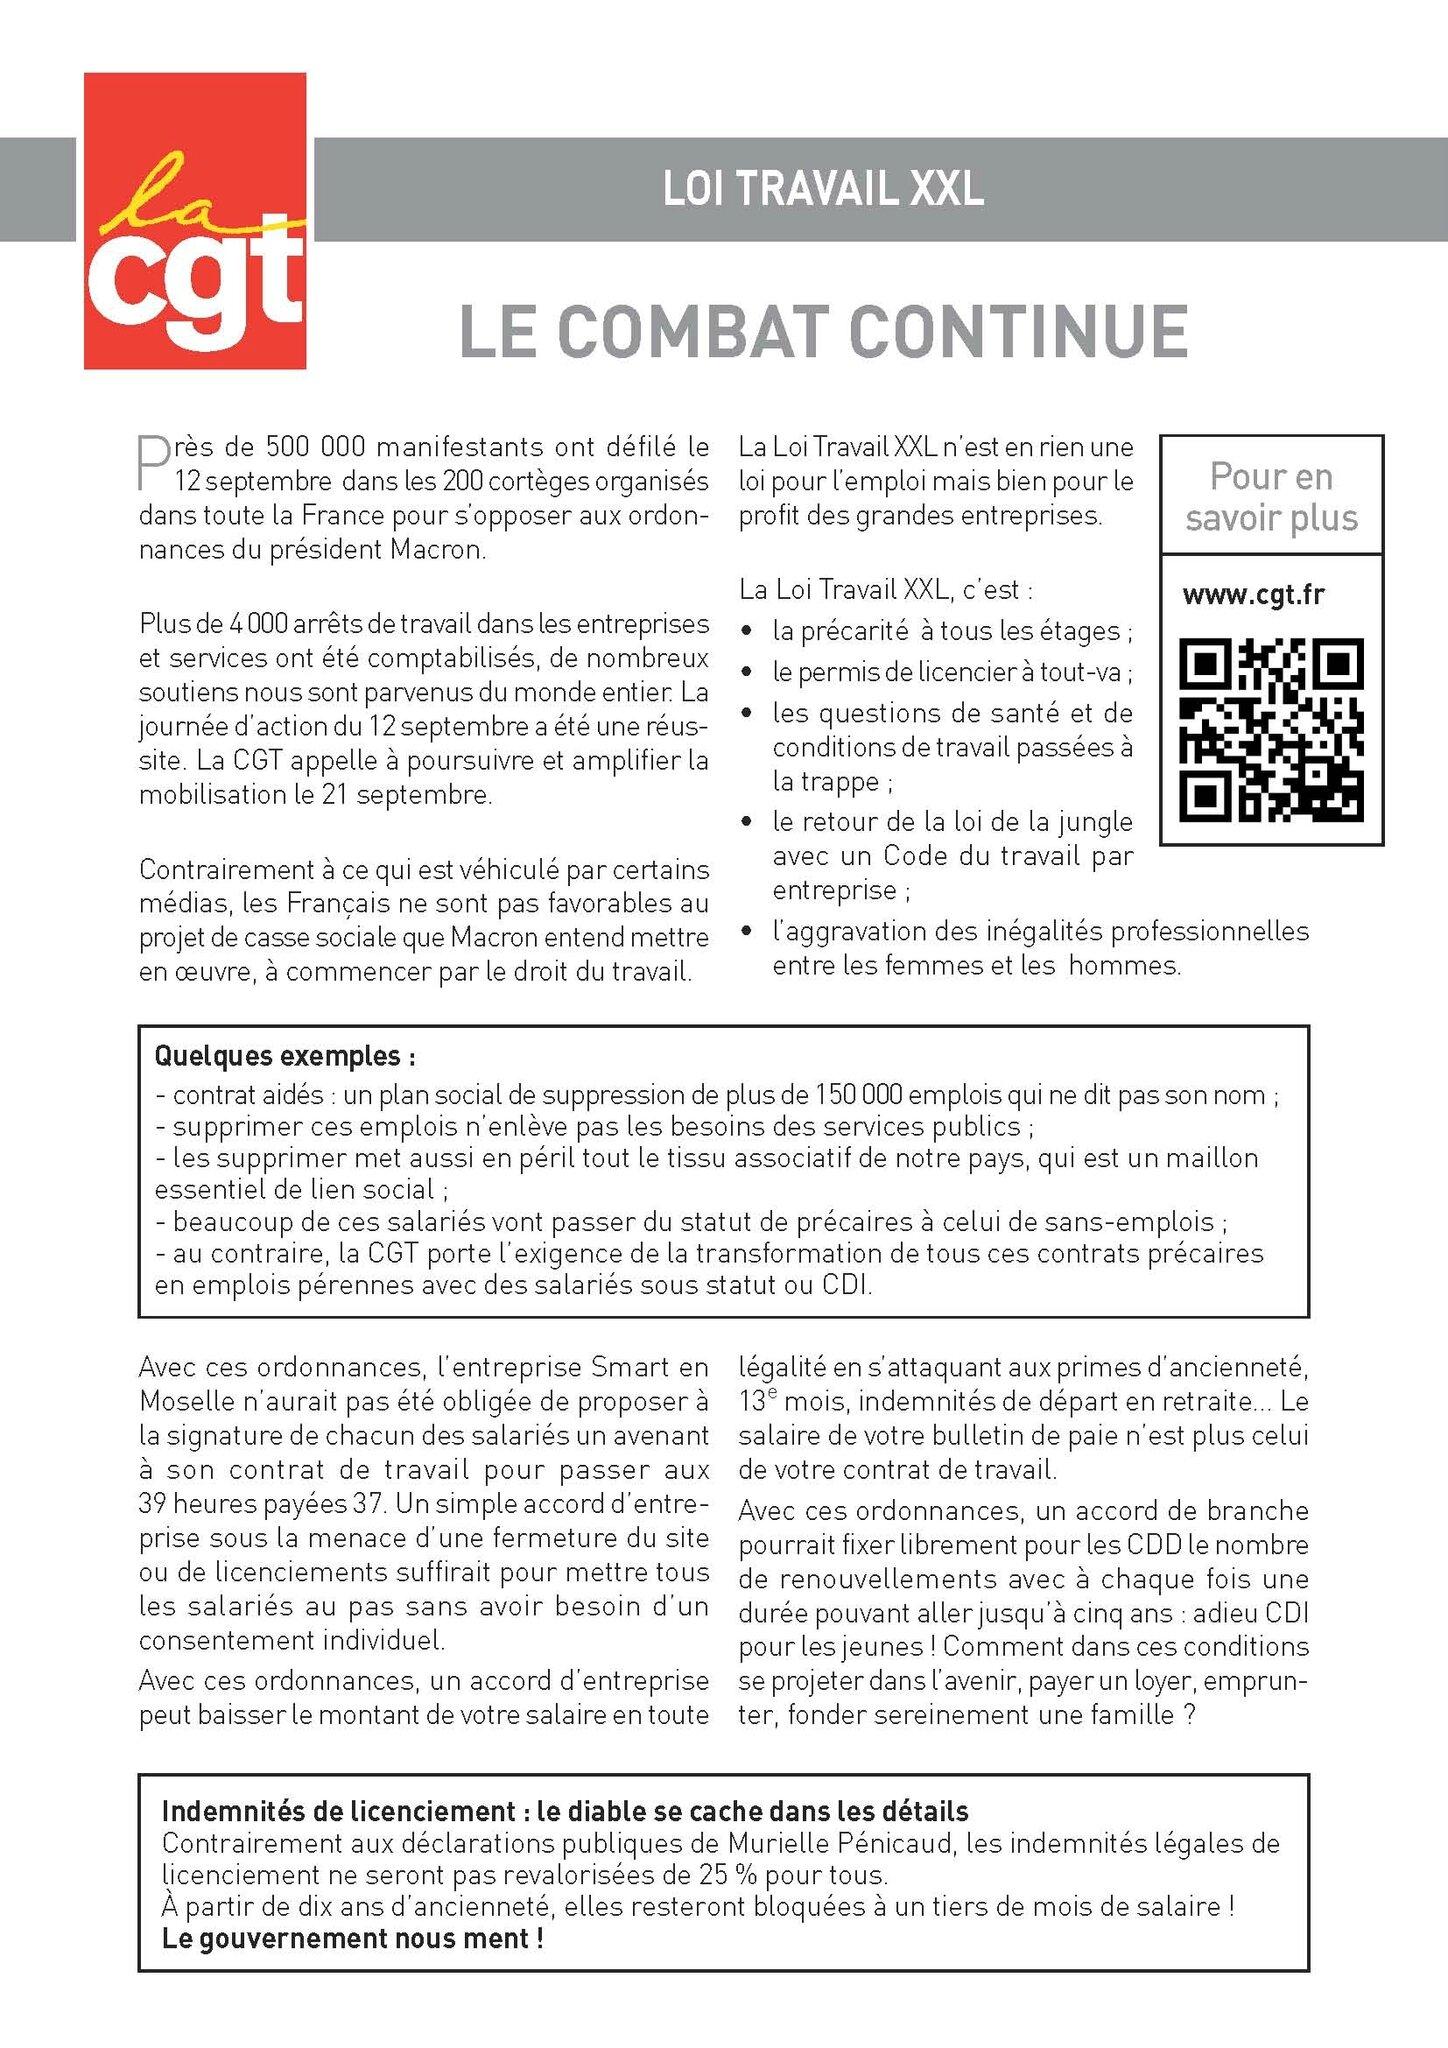 Loi Travail XXL: Le combat continue